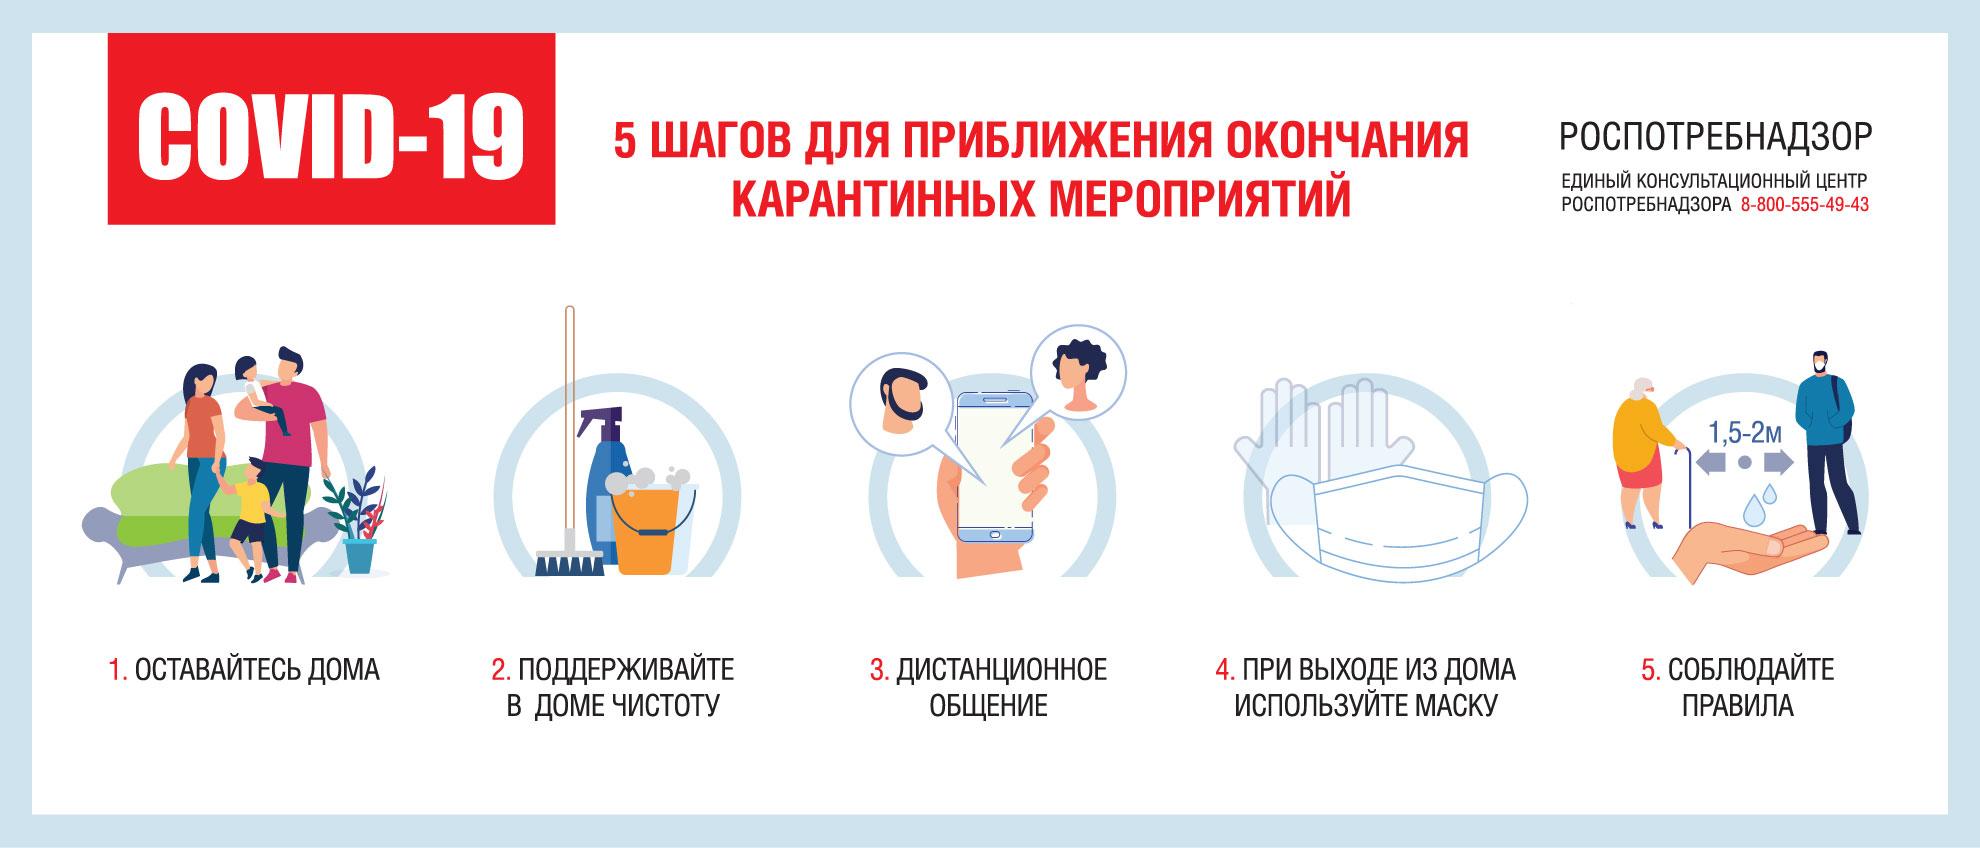 Жителям Тверской области рассказали, как приблизить окончание самоизоляции